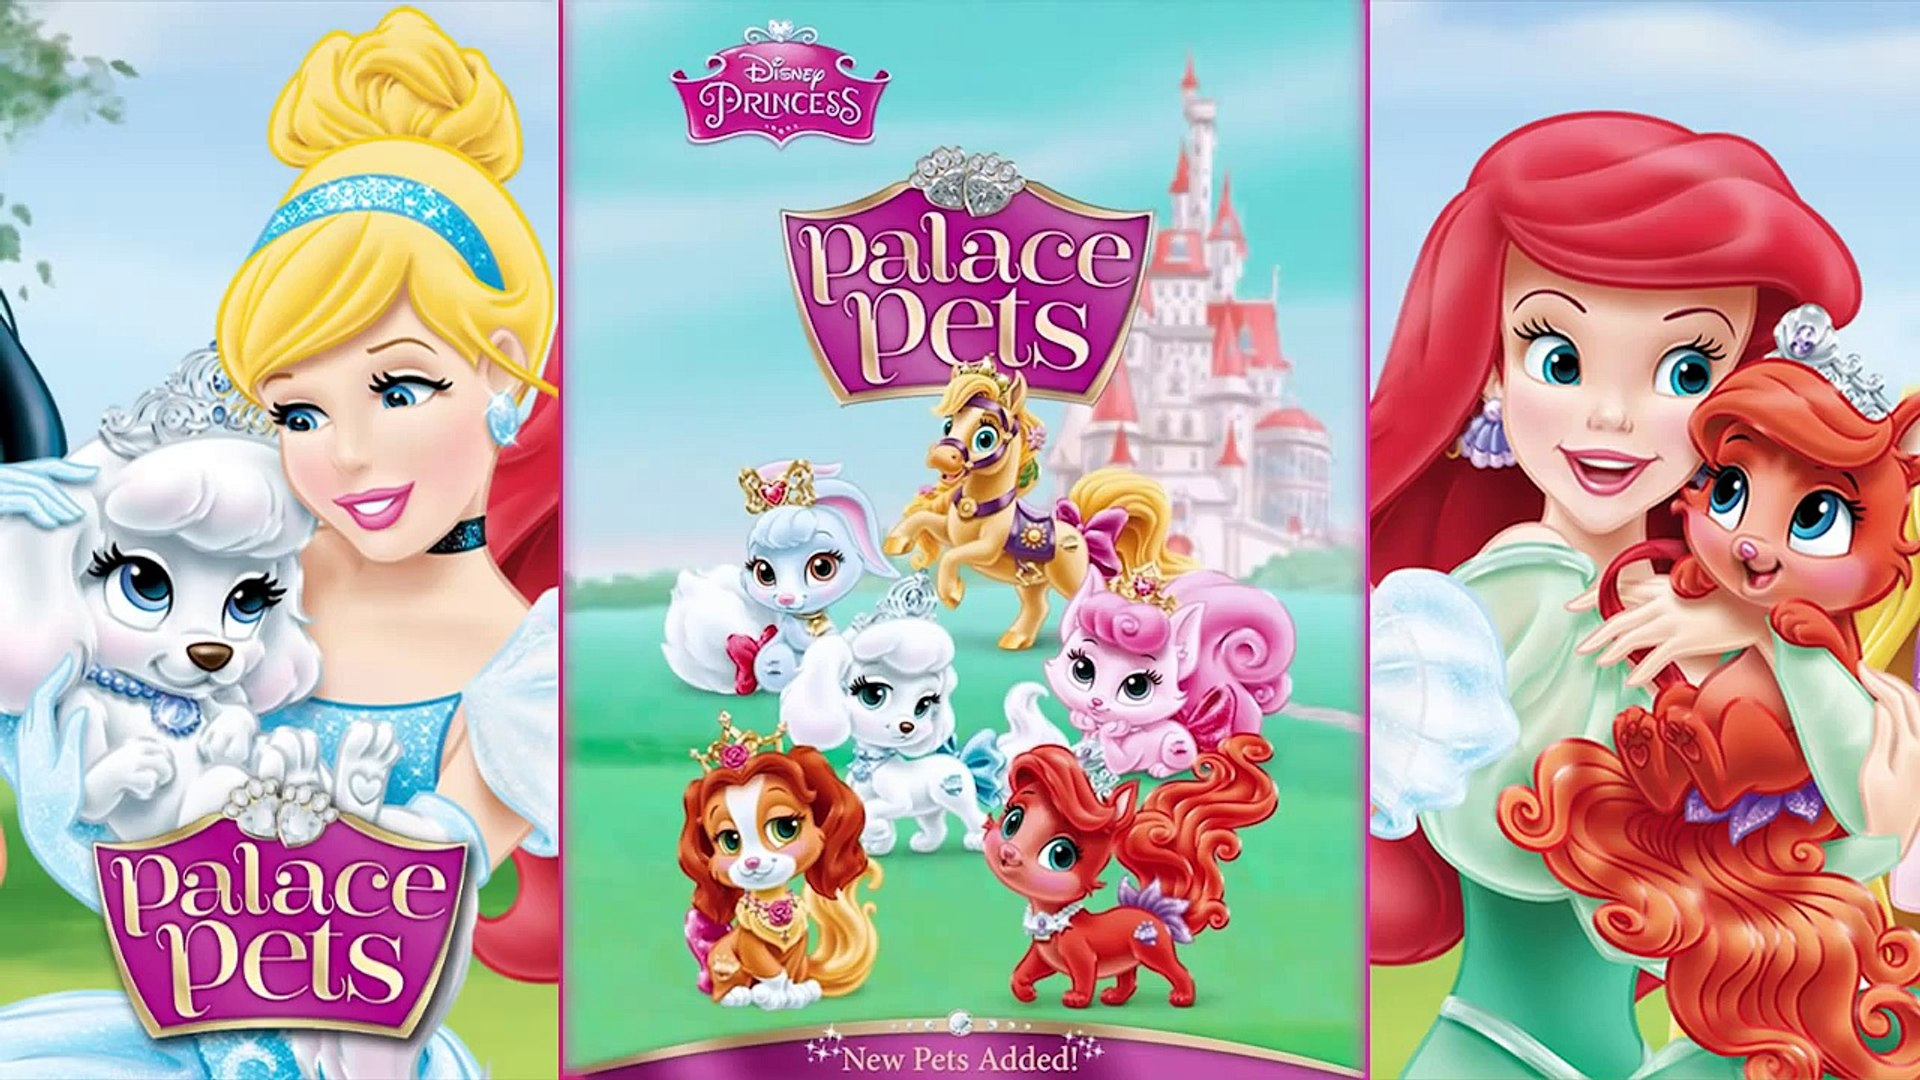 ♥ Disney Princess Palace Pets - Jasmine & Lapis NEW PET (Princess Palace Pets Game for Children)